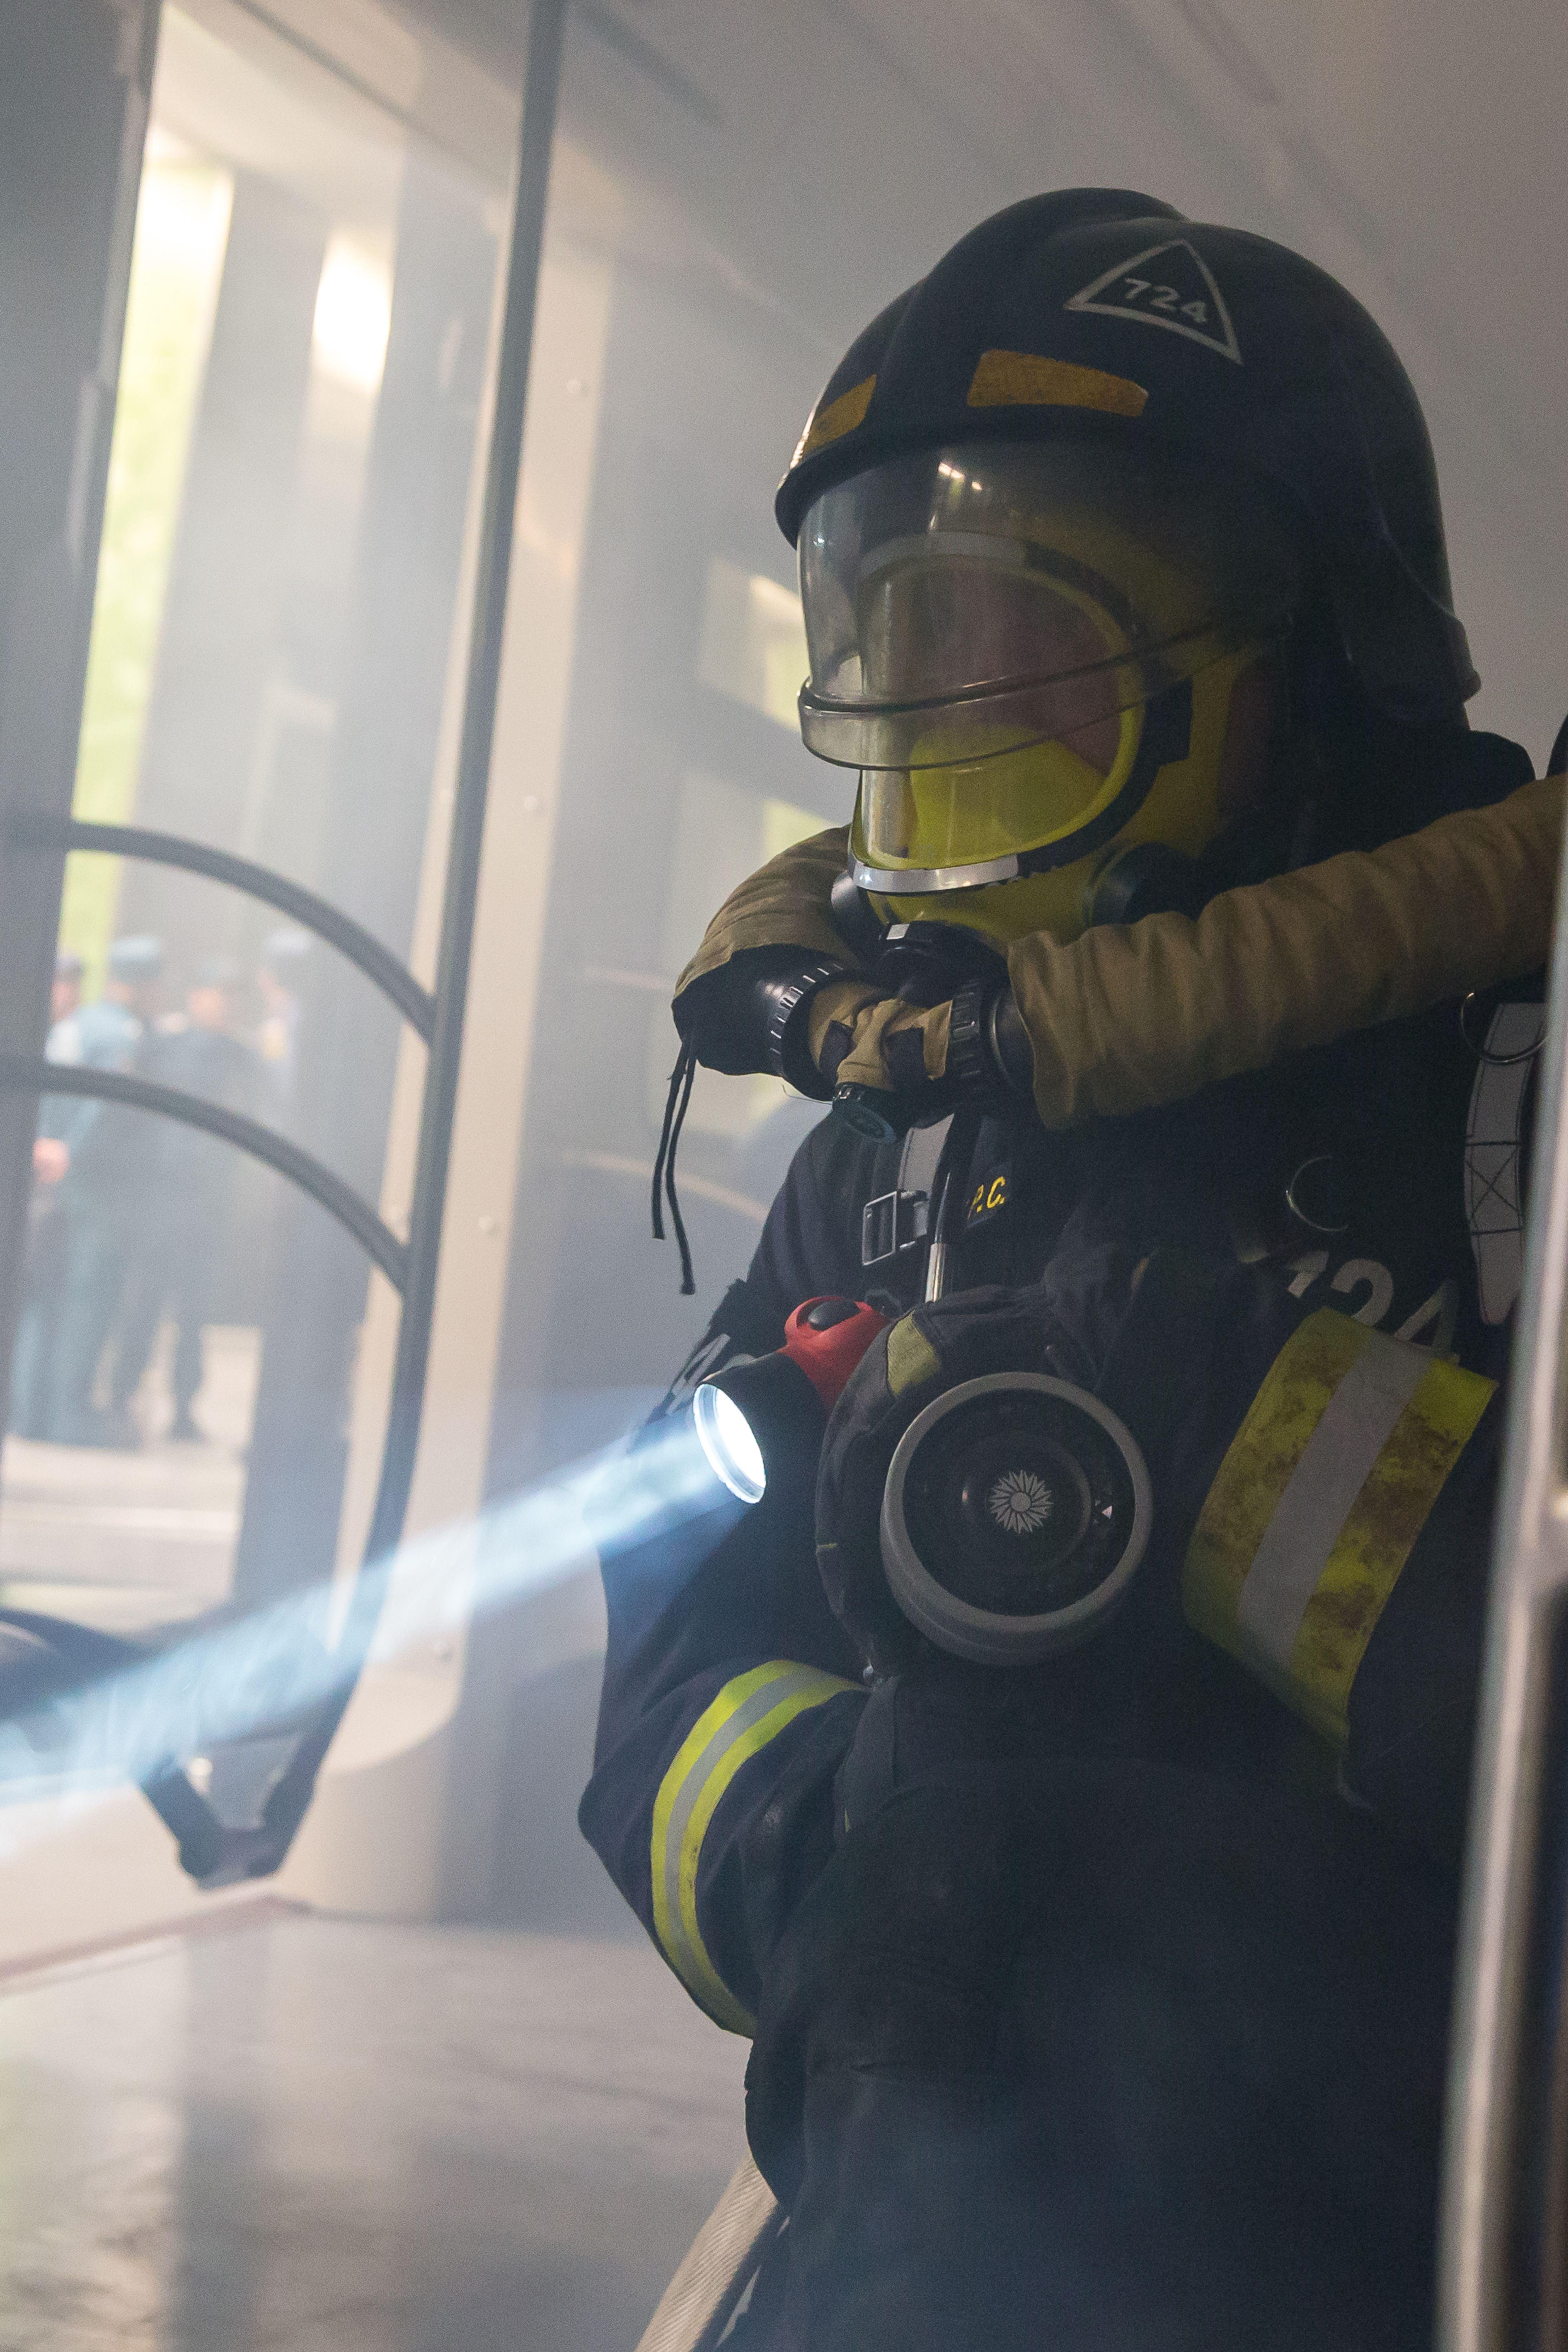 Pin von Mischa auf Feuerwehr Feuerwehr, H&s